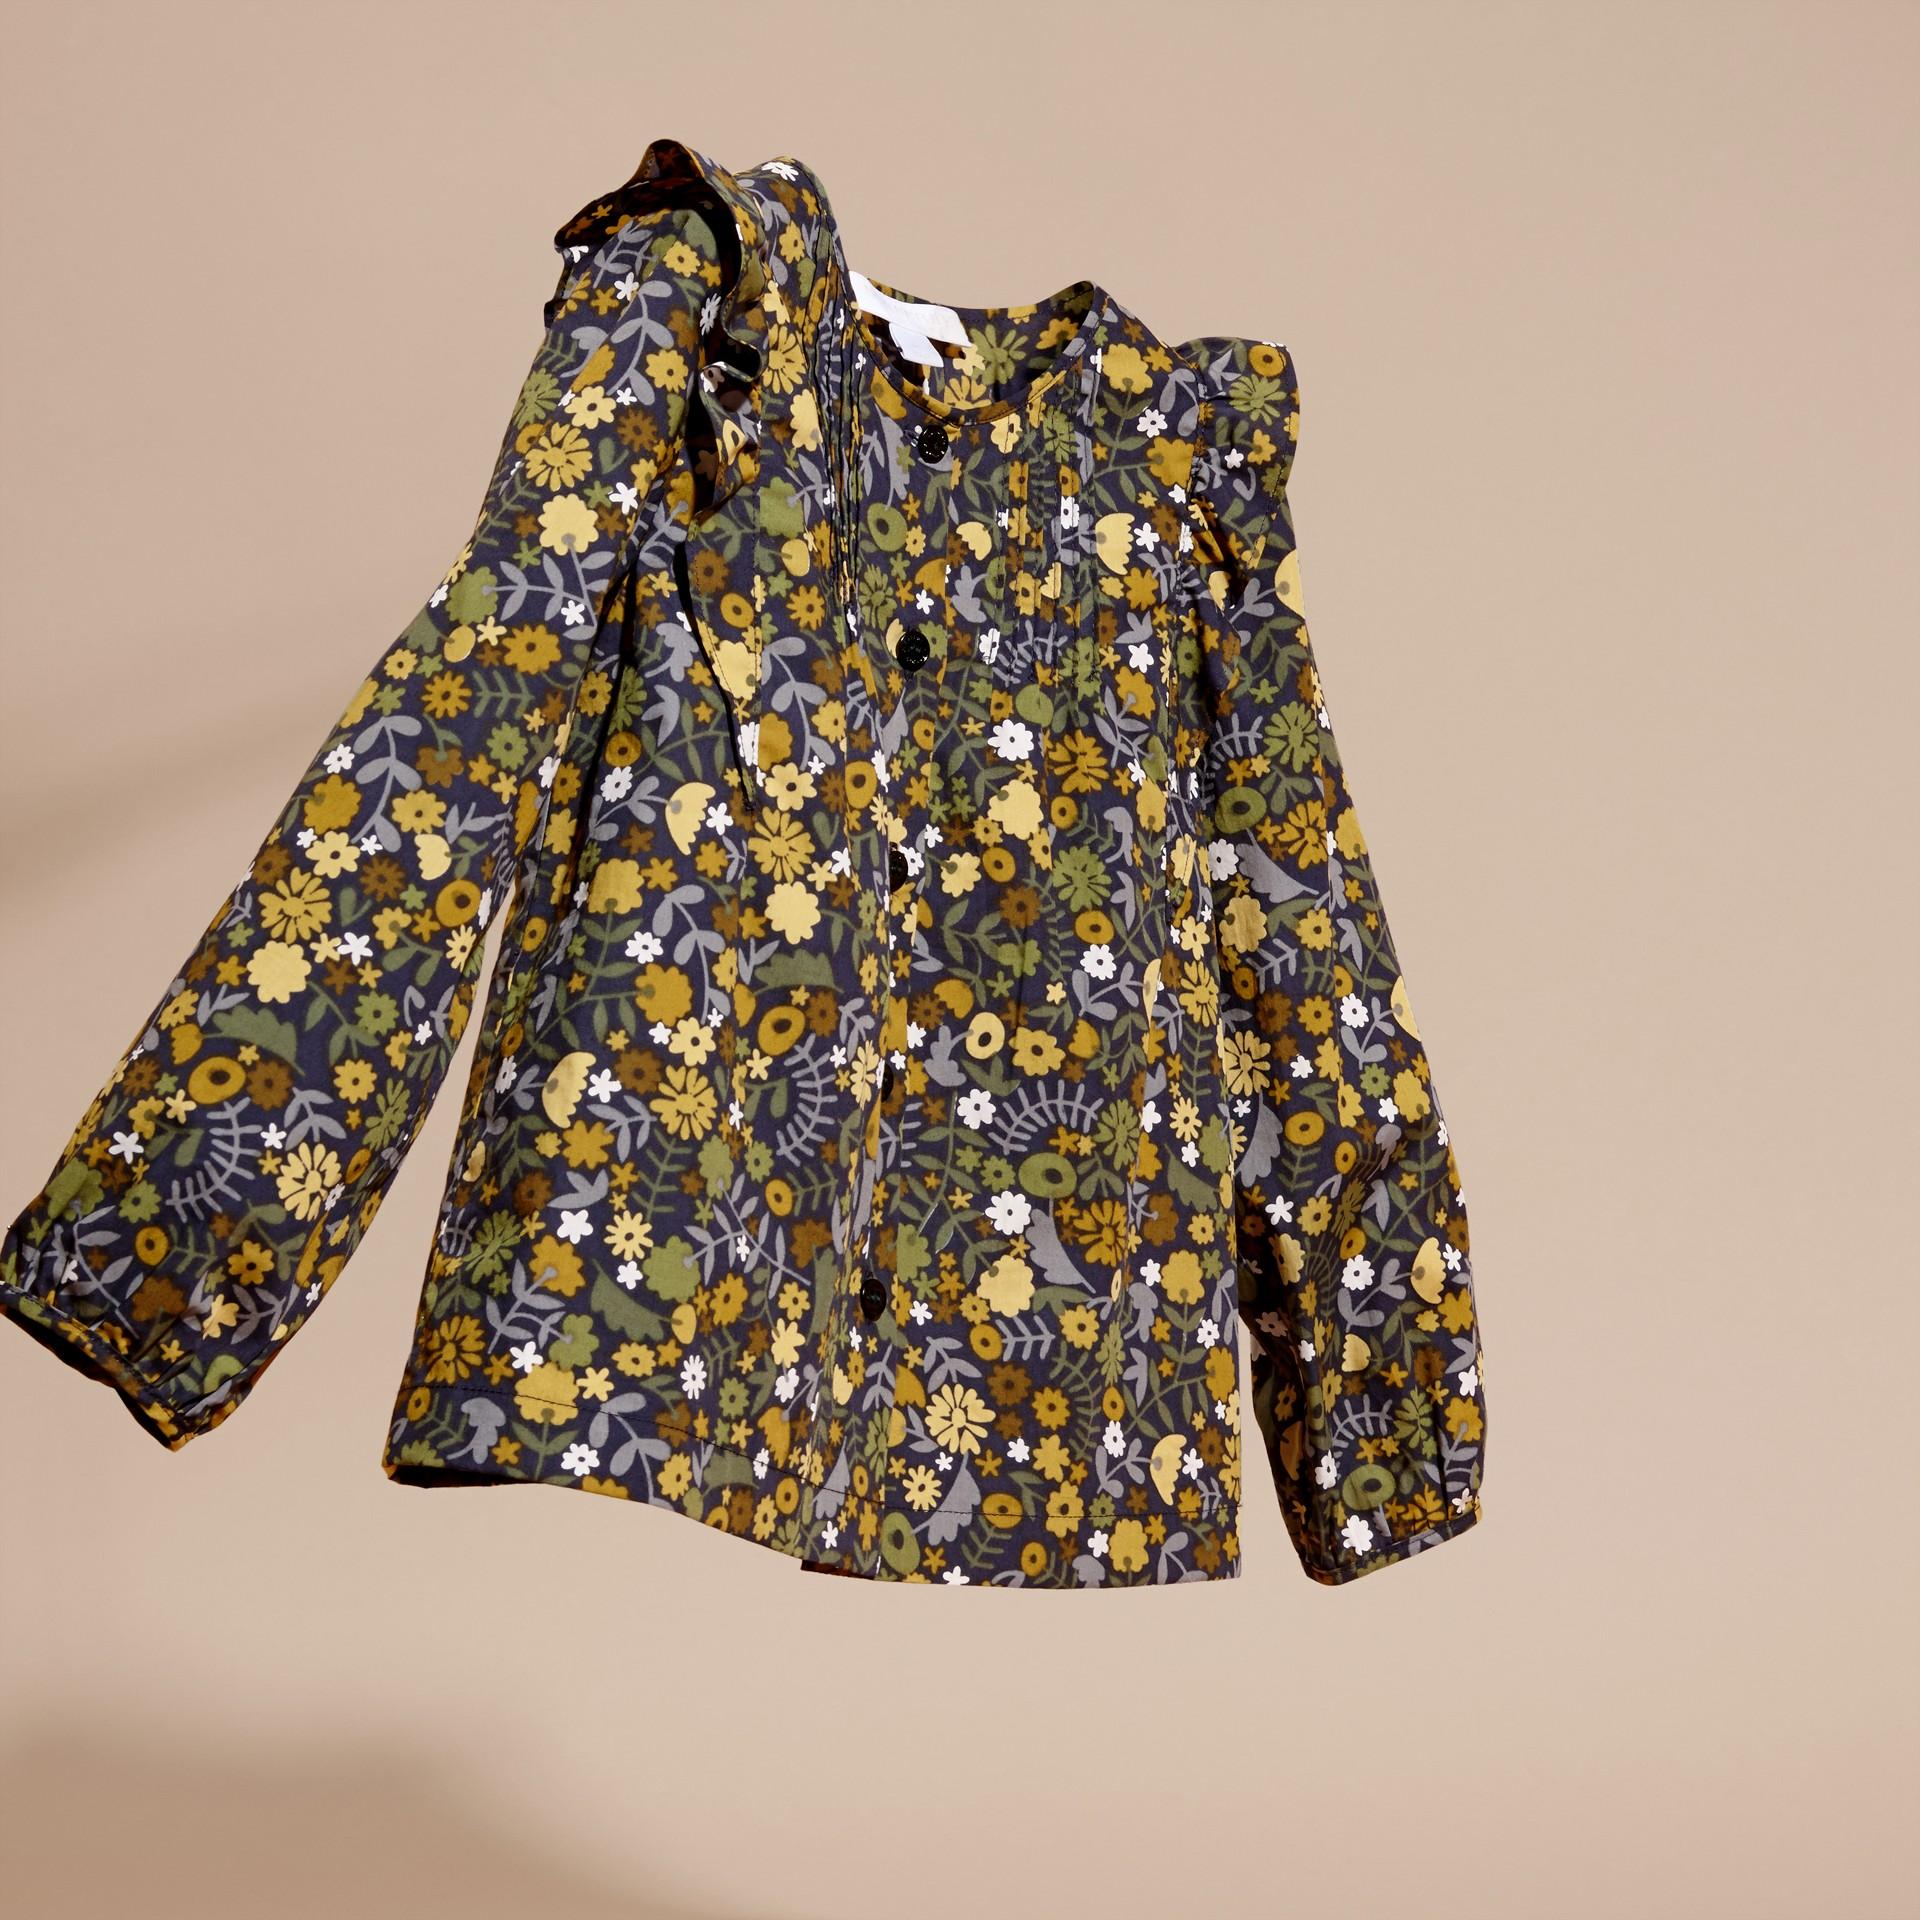 ダスティシトリン フローラルプリント コットンシャツ ウィズ ラッフルディテール ダスティシトリン - ギャラリーイメージ 3